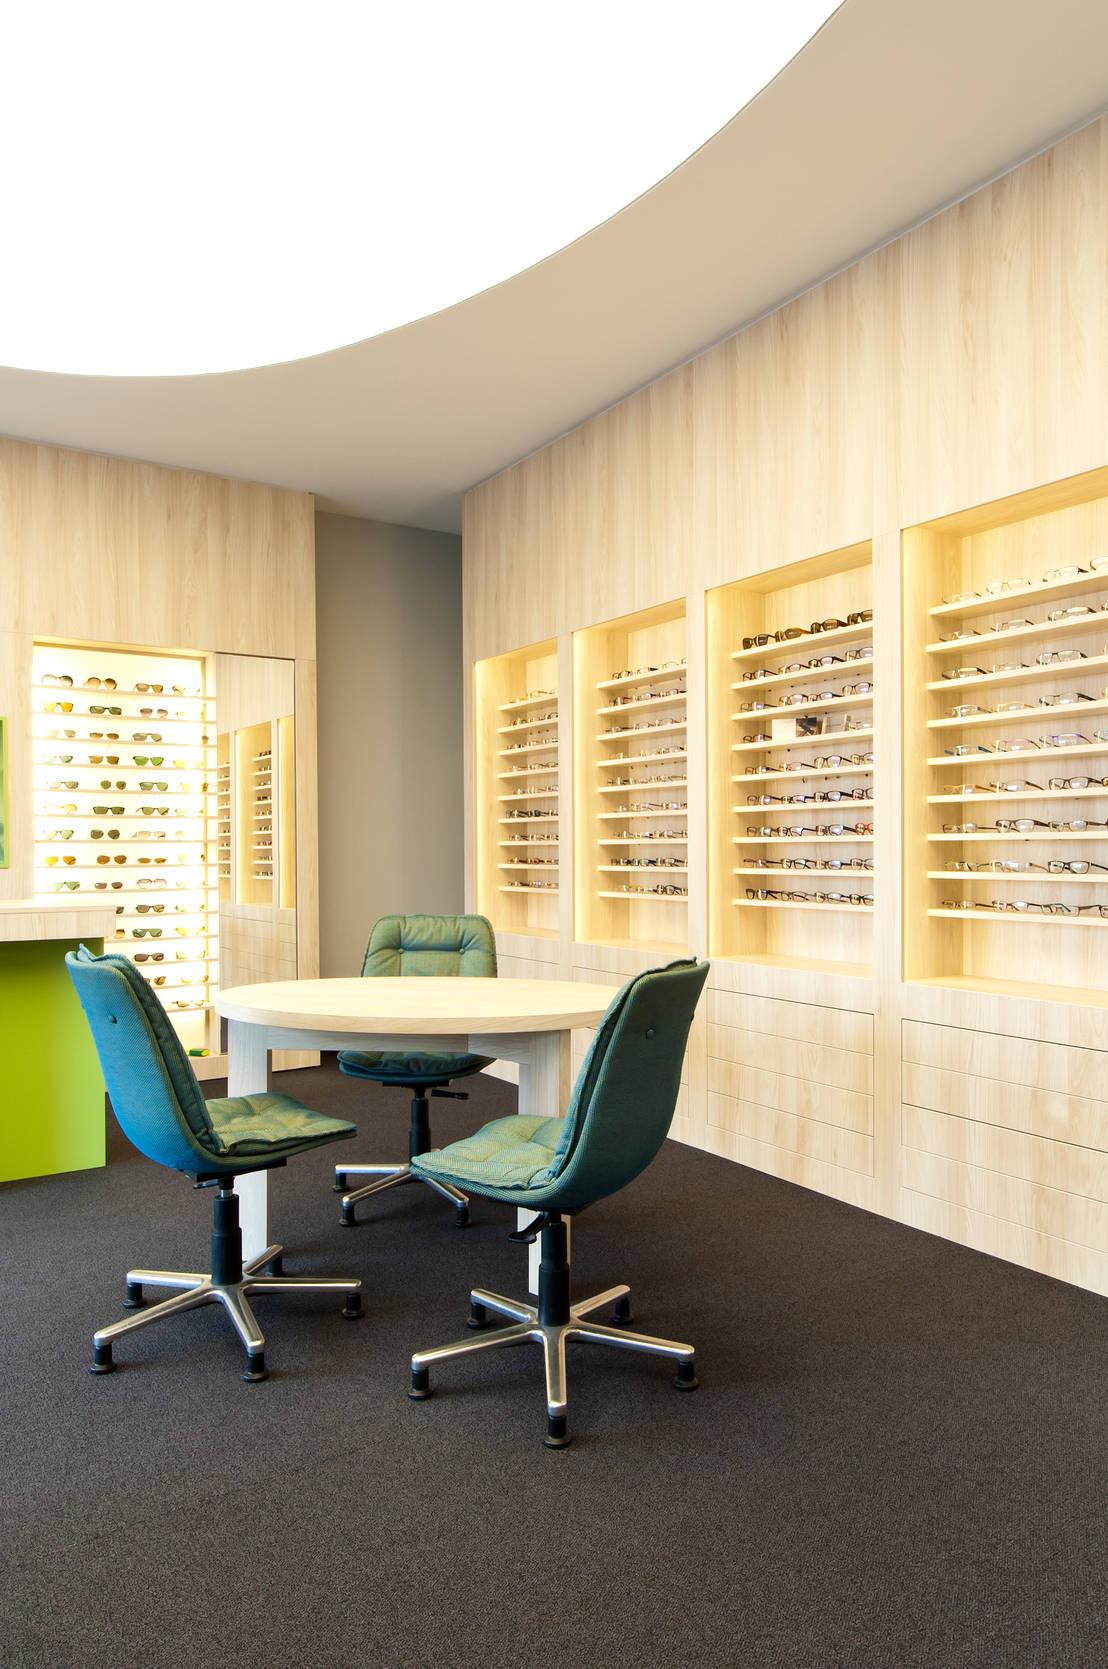 Augenoptikergeschaft In Berlin Charlottenburg By Silvia Ernst